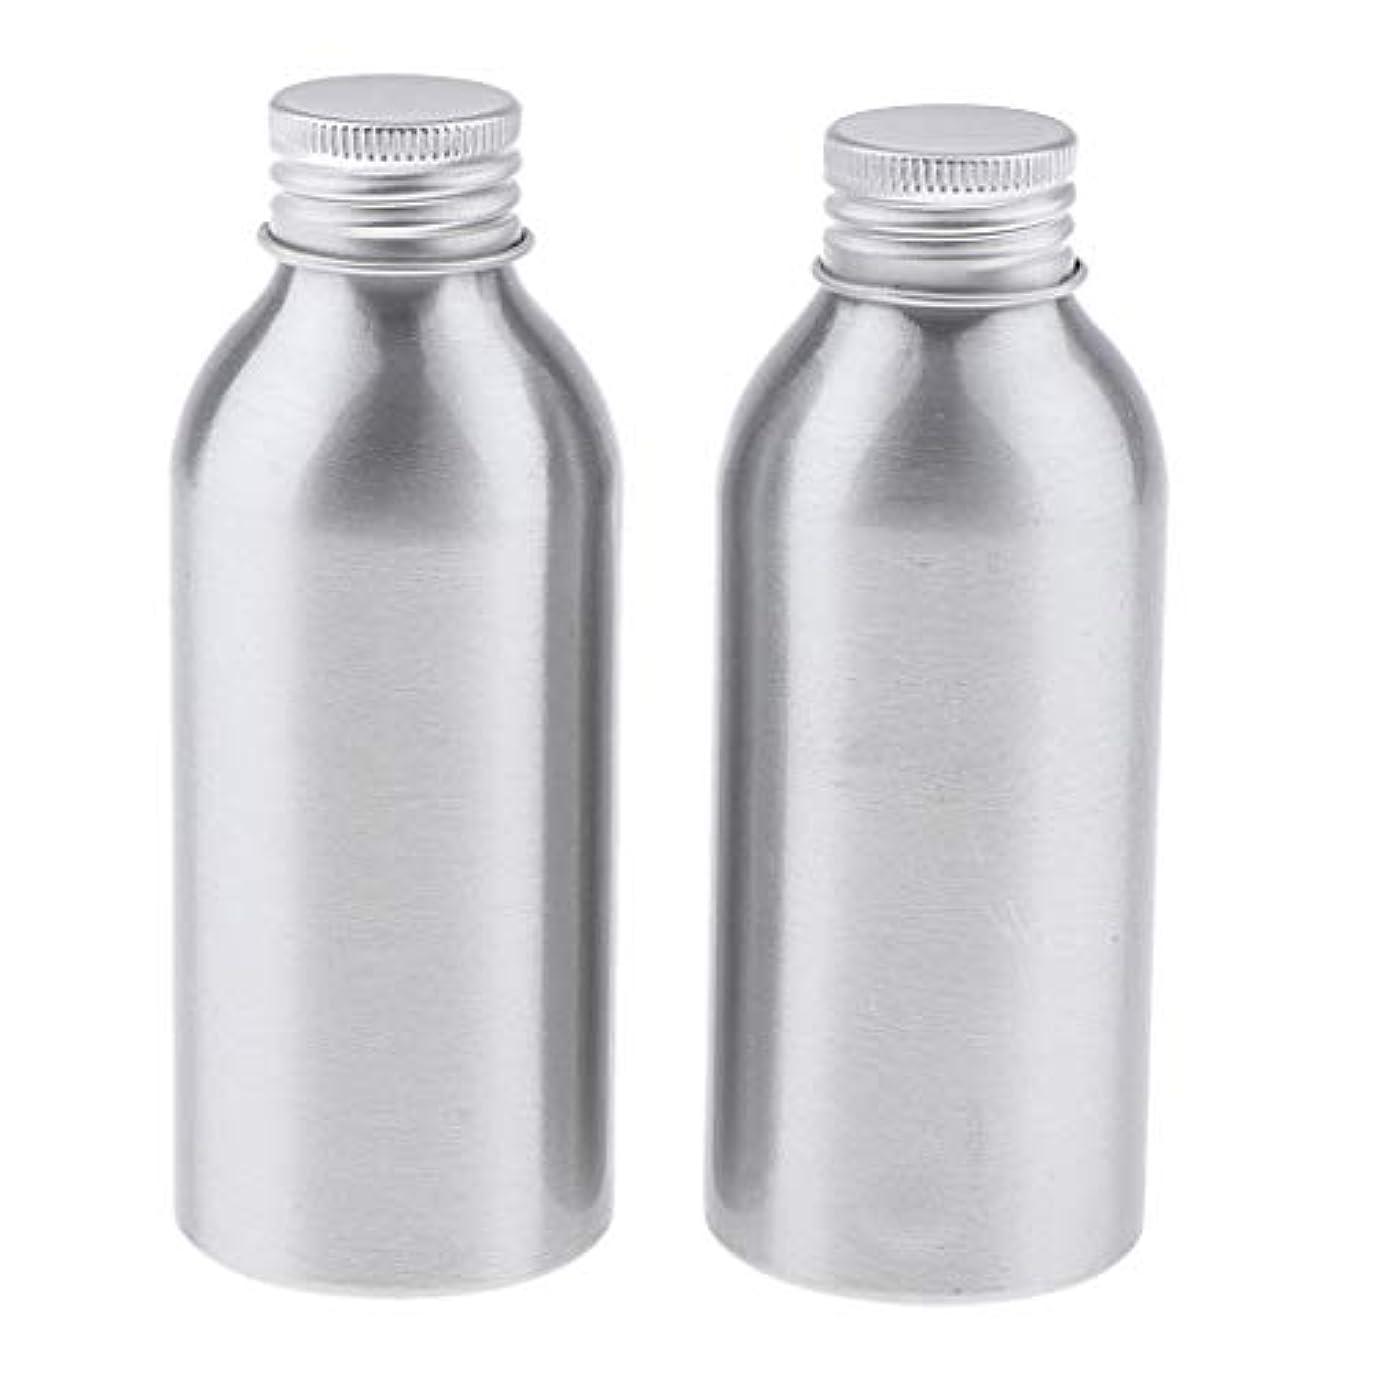 地理在庫作曲家Perfeclan ディスペンサーボトル 空ボトル アルミボトル 化粧品ボトル 詰替え容器 広い口 防錆 全5サイズ - 120ml